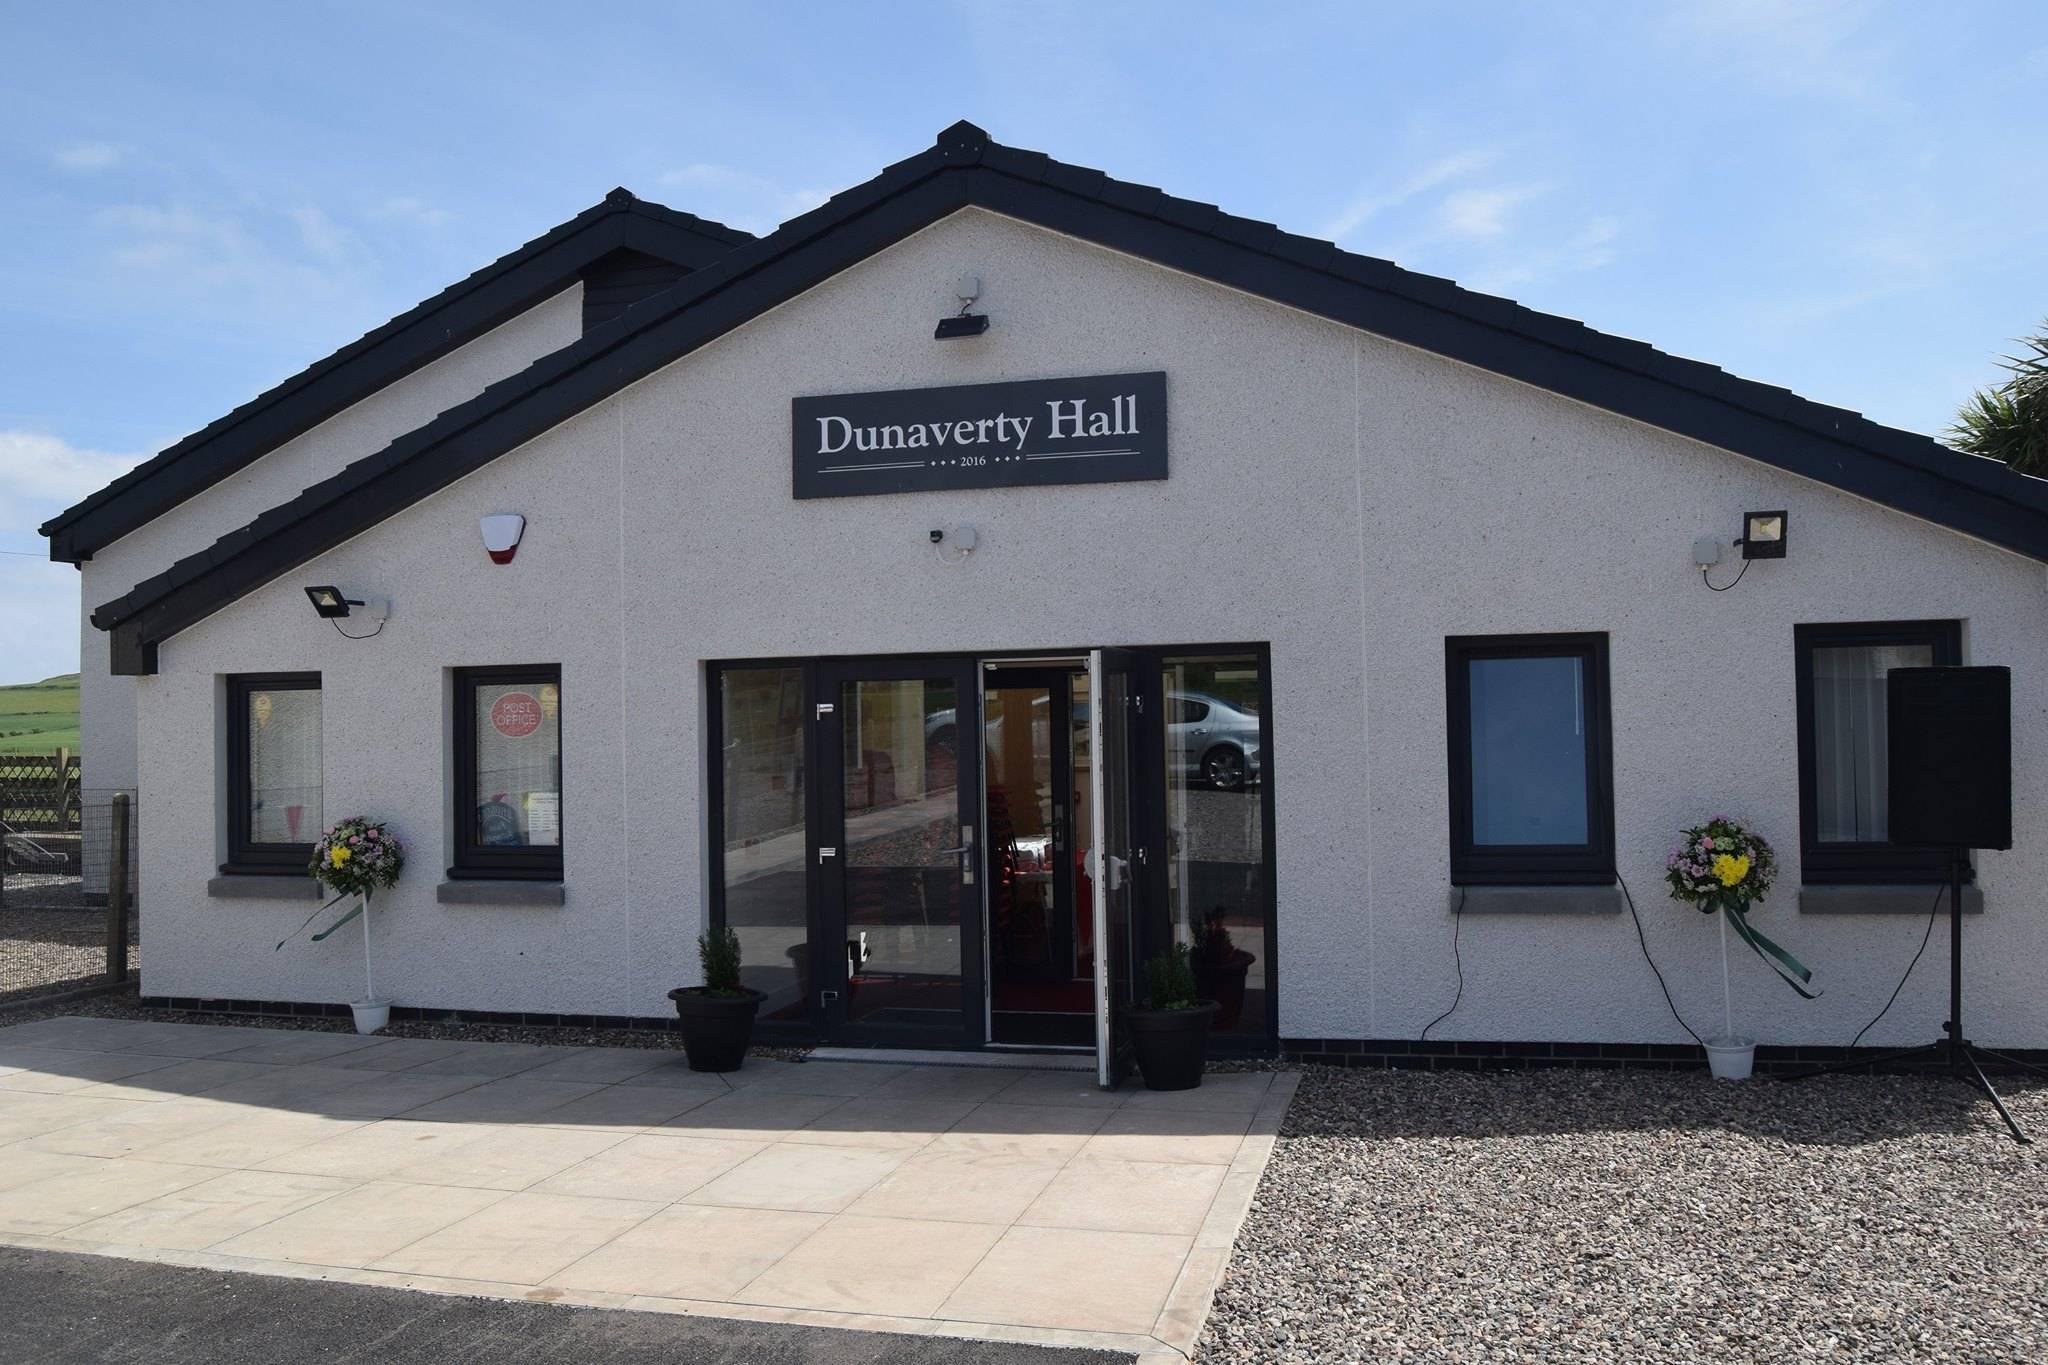 Dunaverty Hall